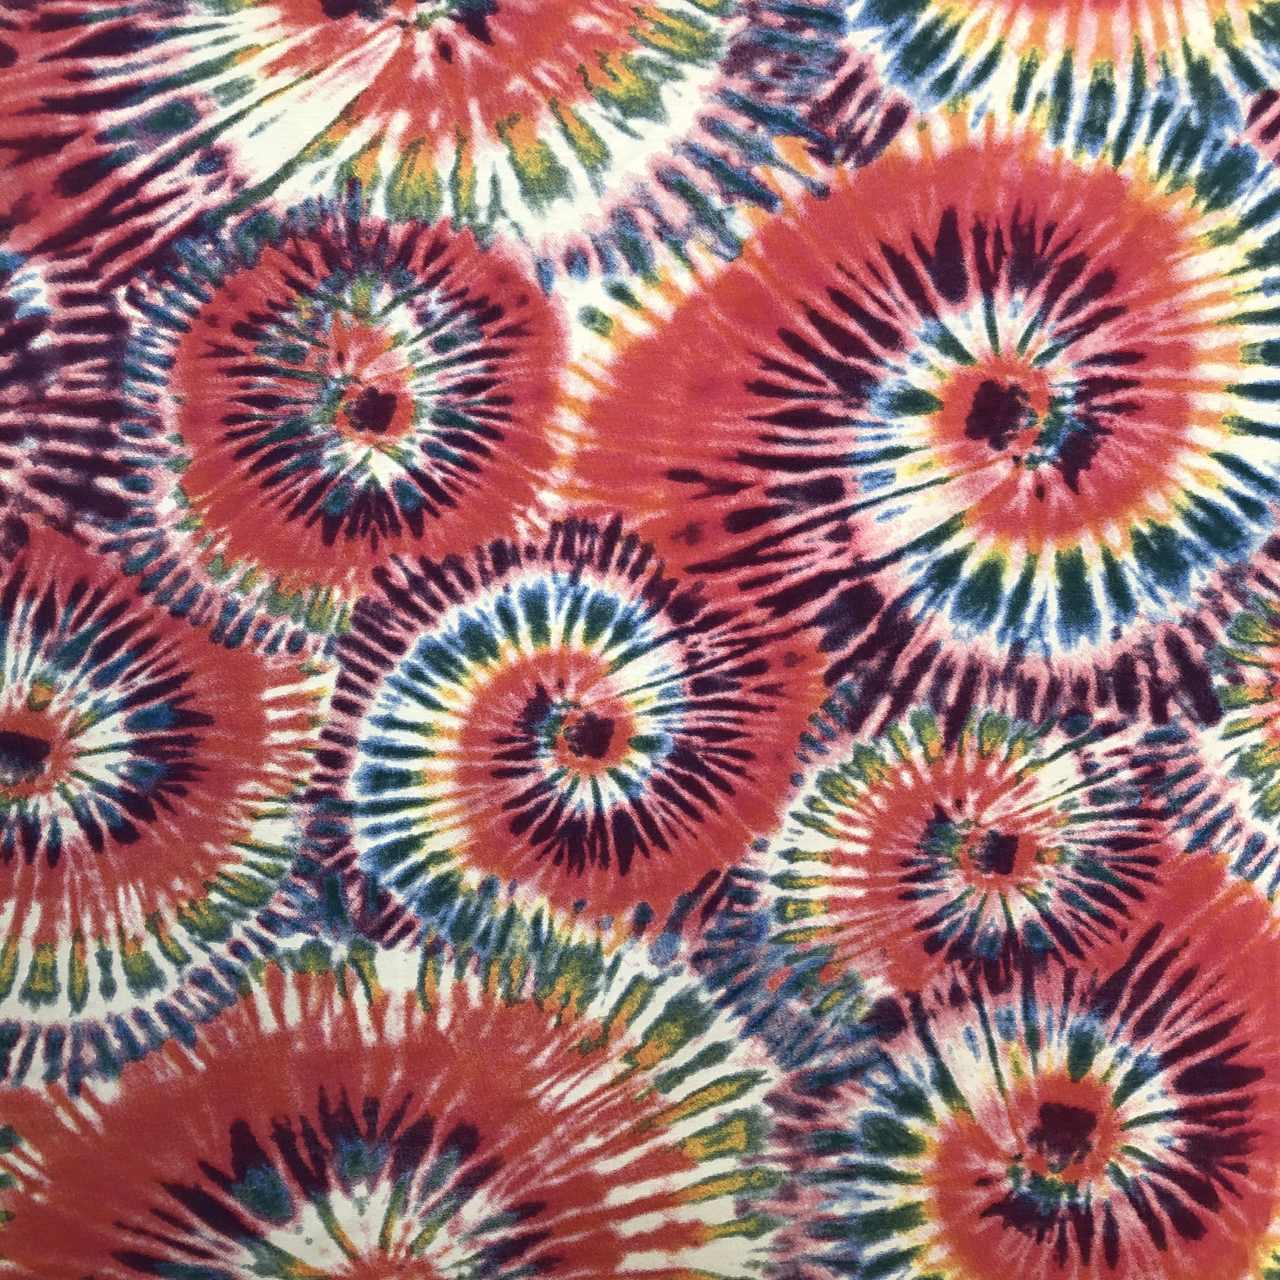 Tecido Malha Viscolycra  95%Viscose 5%Elastano Tie Dye - Color 2